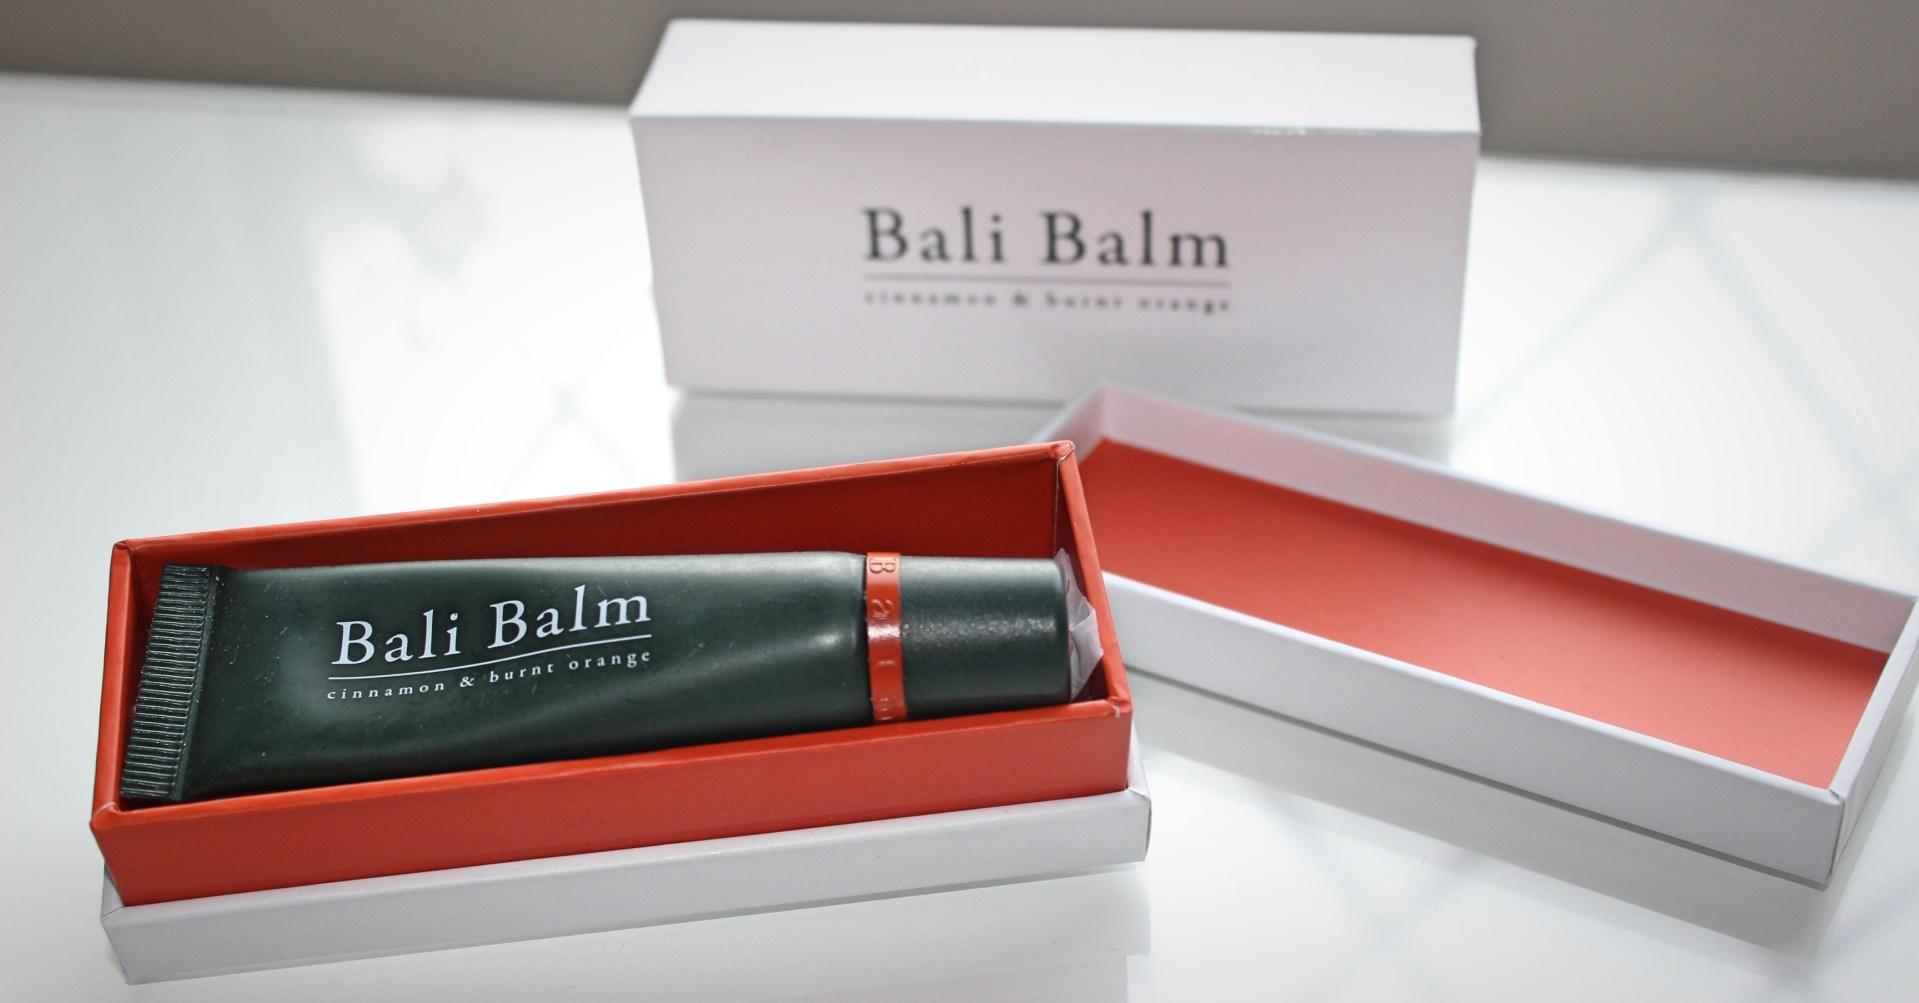 Bali Balm